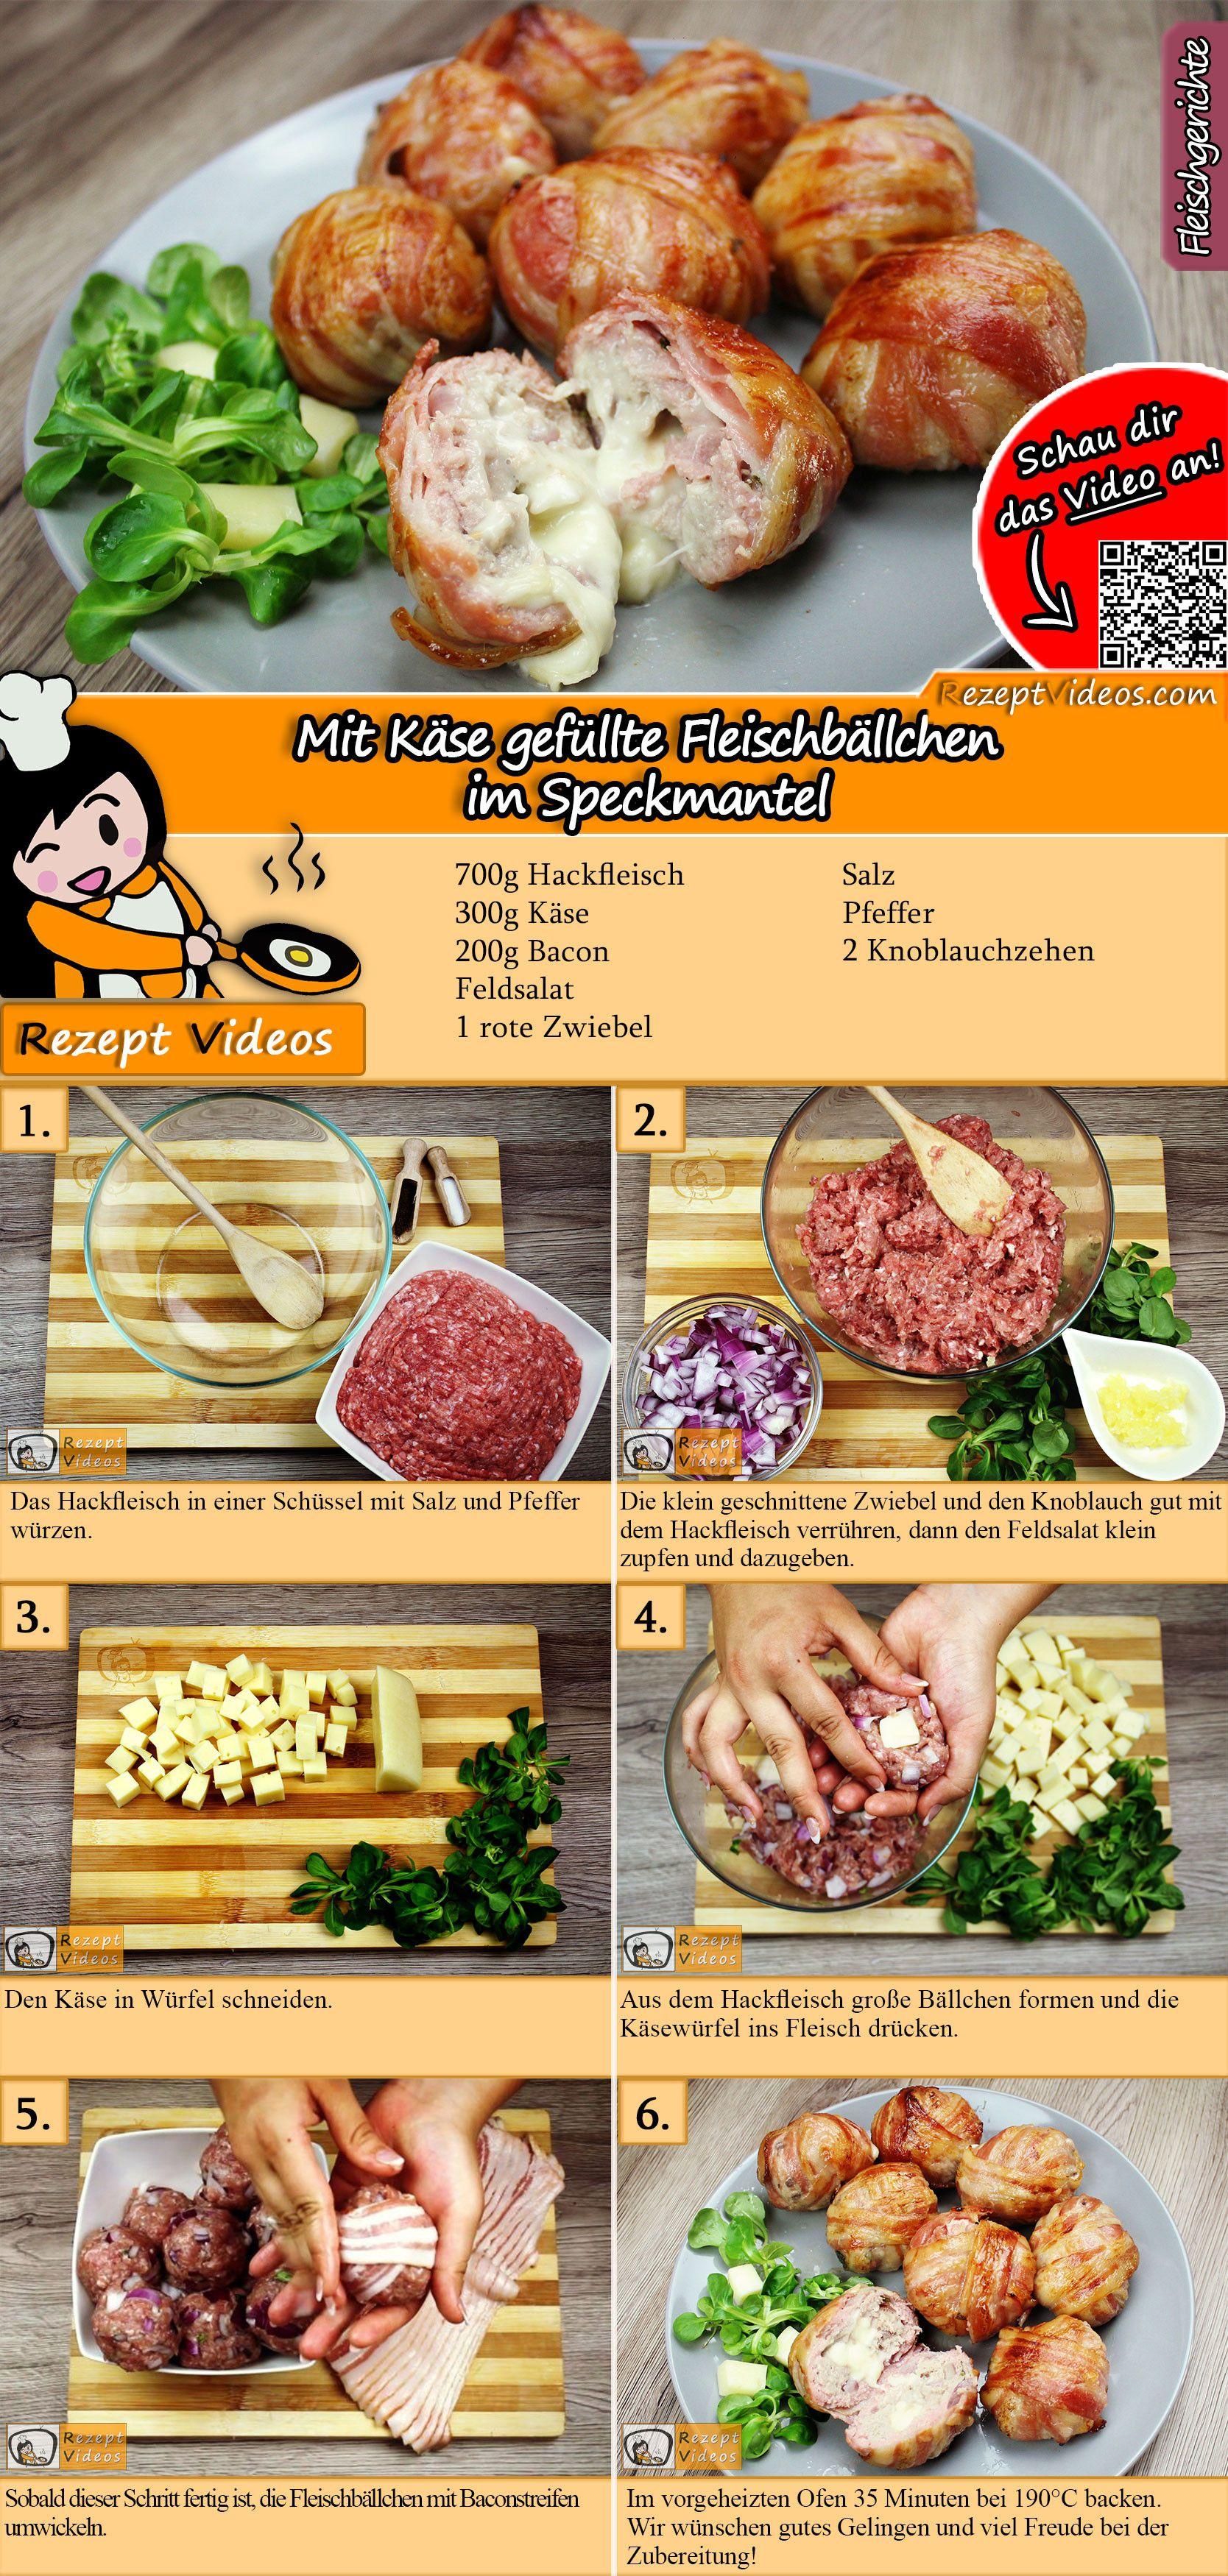 Mit Käse gefüllte Fleischbällchen im Speckmantel Rezept mit Video #meatrecipes